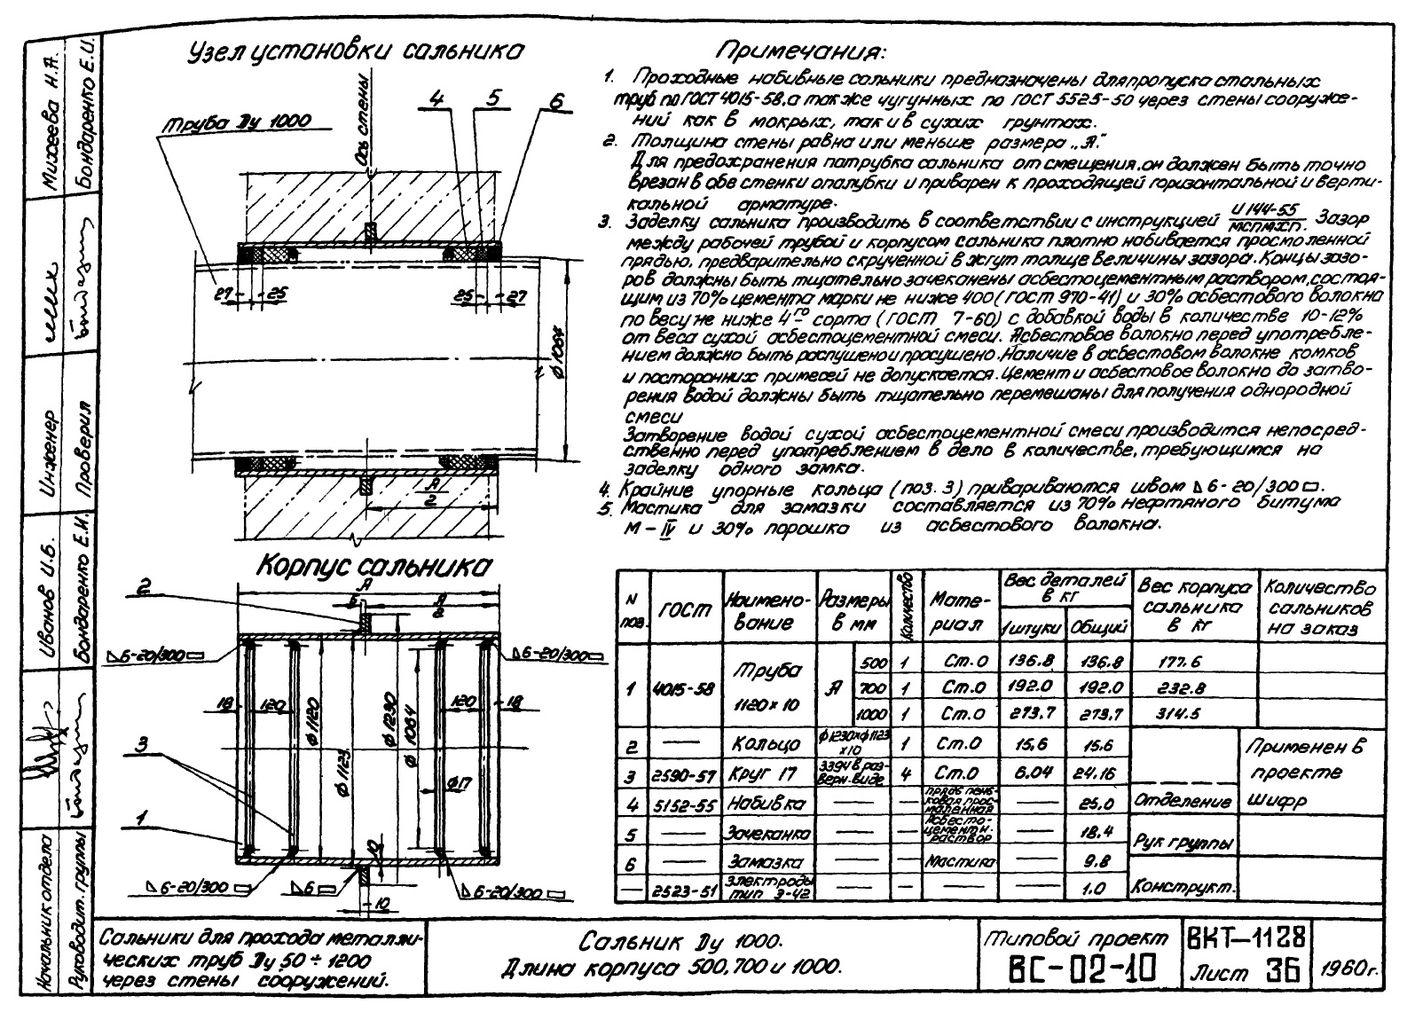 Сальники набивные L = 500 мм типовой проект ВС-02-10 стр.17